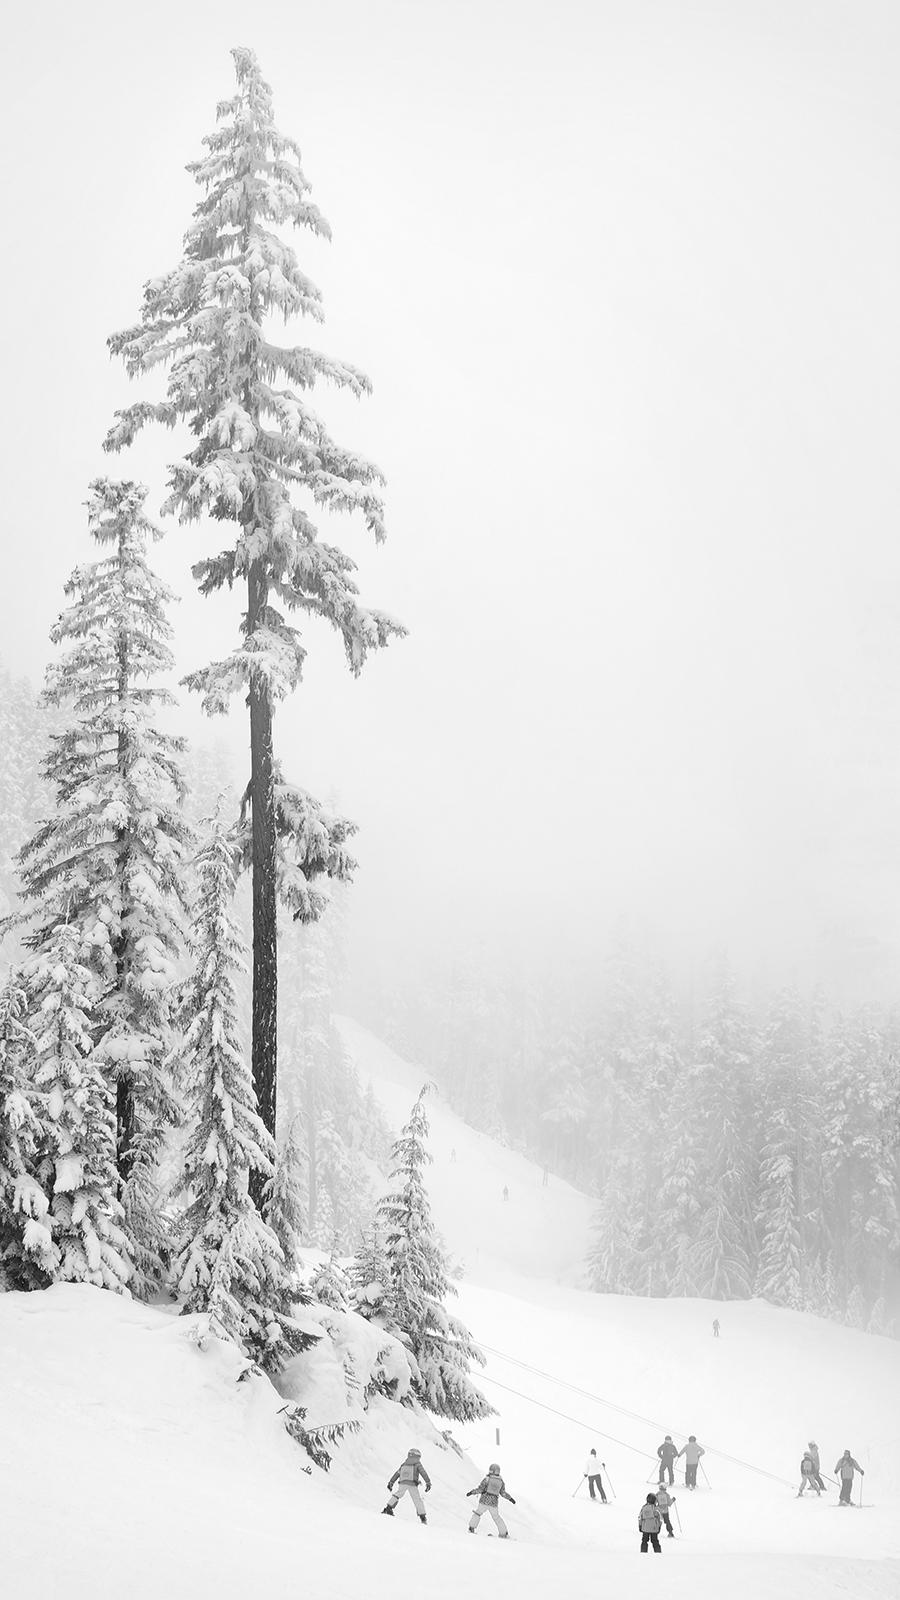 Skiing III, 2017